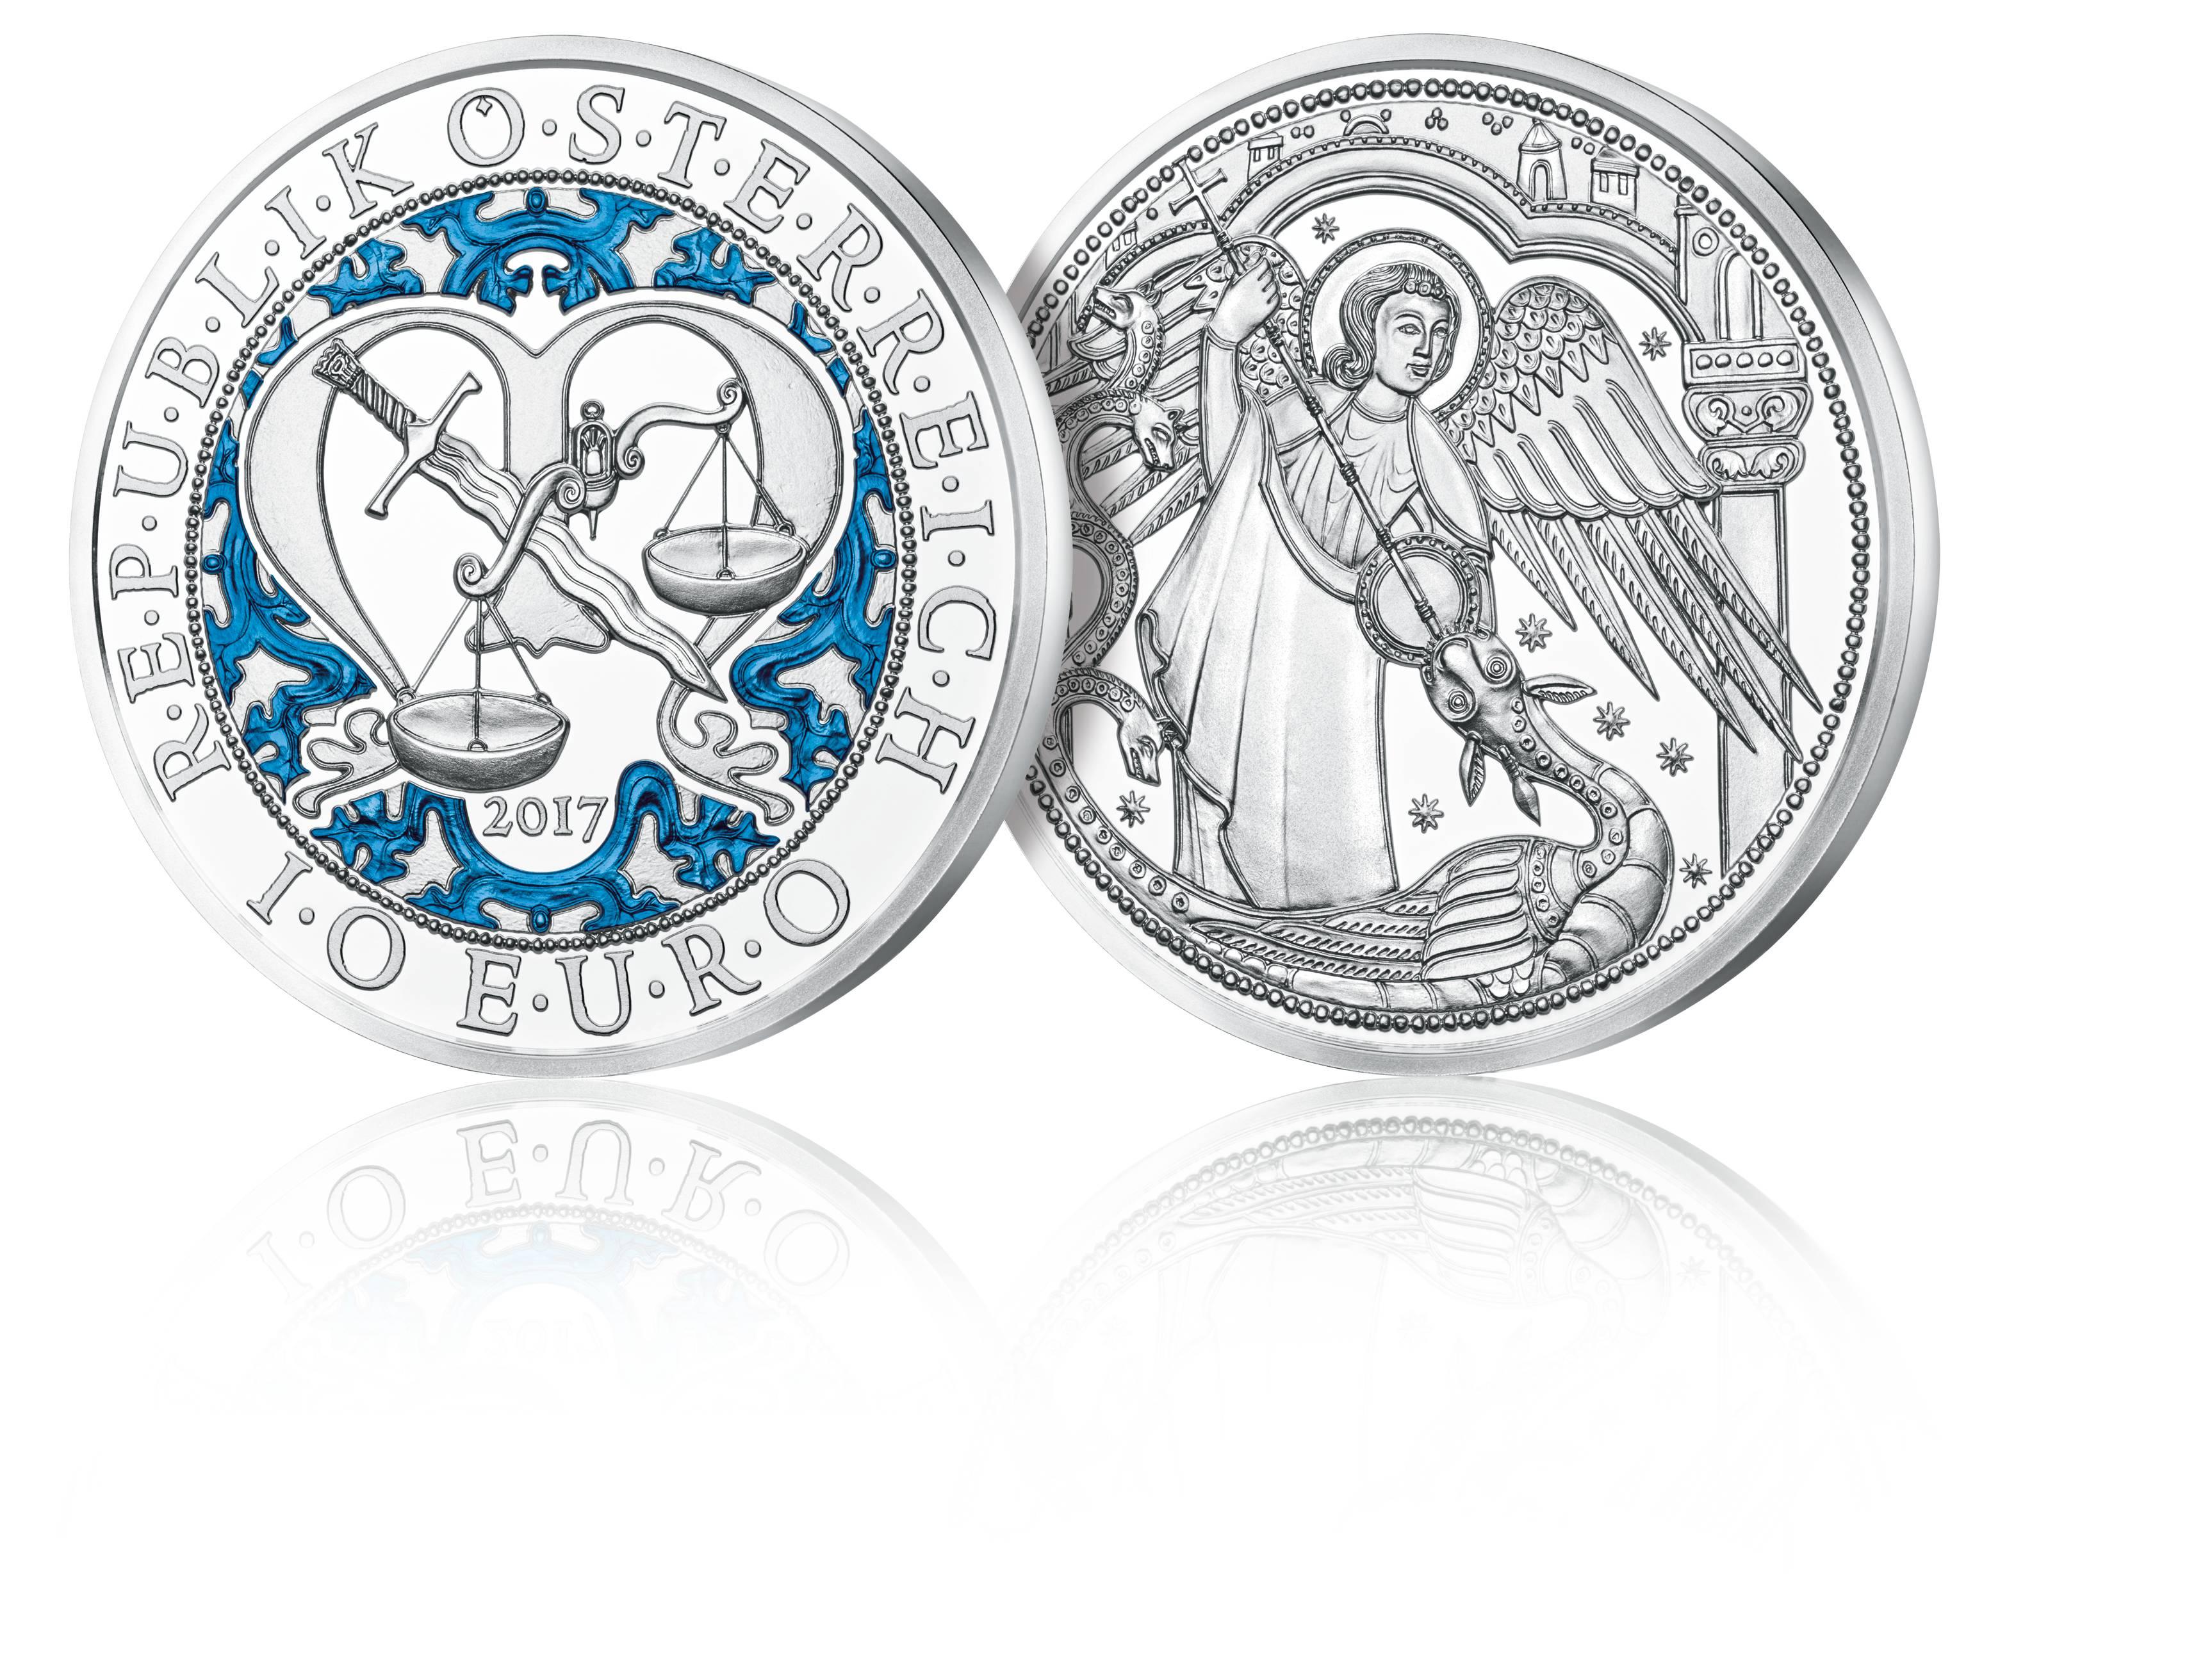 Münze österreich Bringt Engel Auf Farb Münzen Wwwmünzen Online